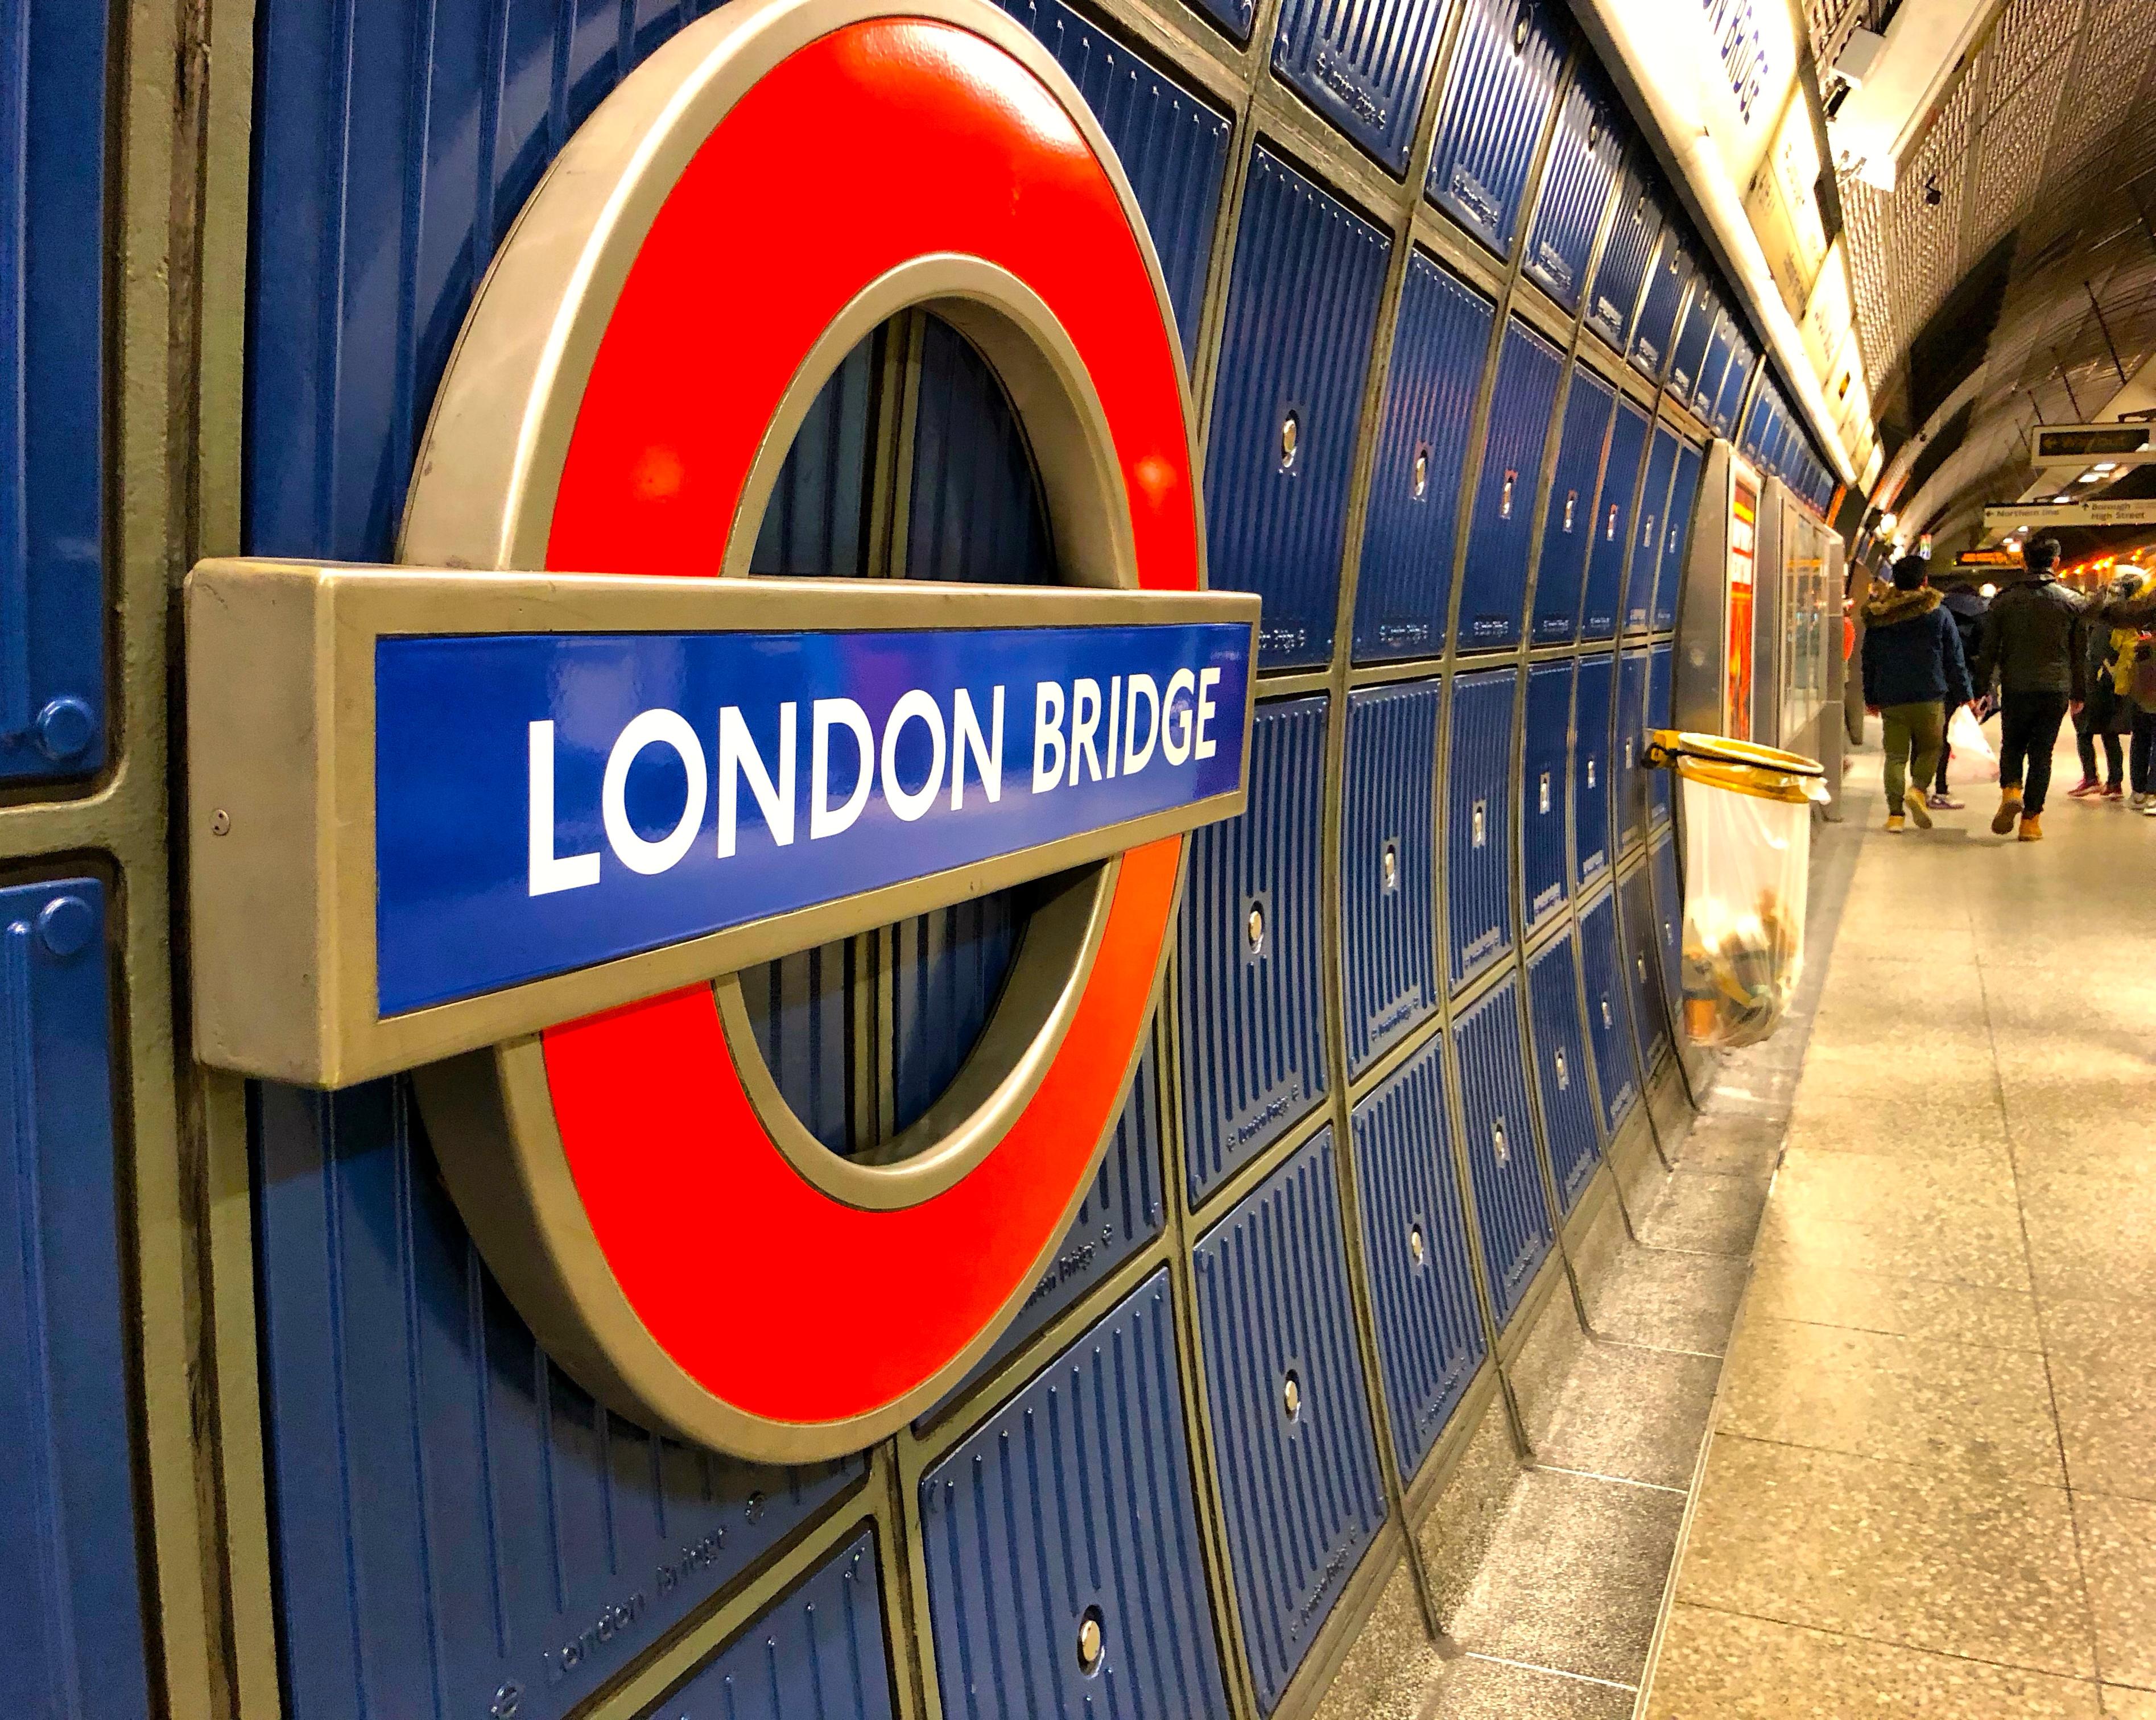 St Christopher's inn London Bridge, capsule hostel39